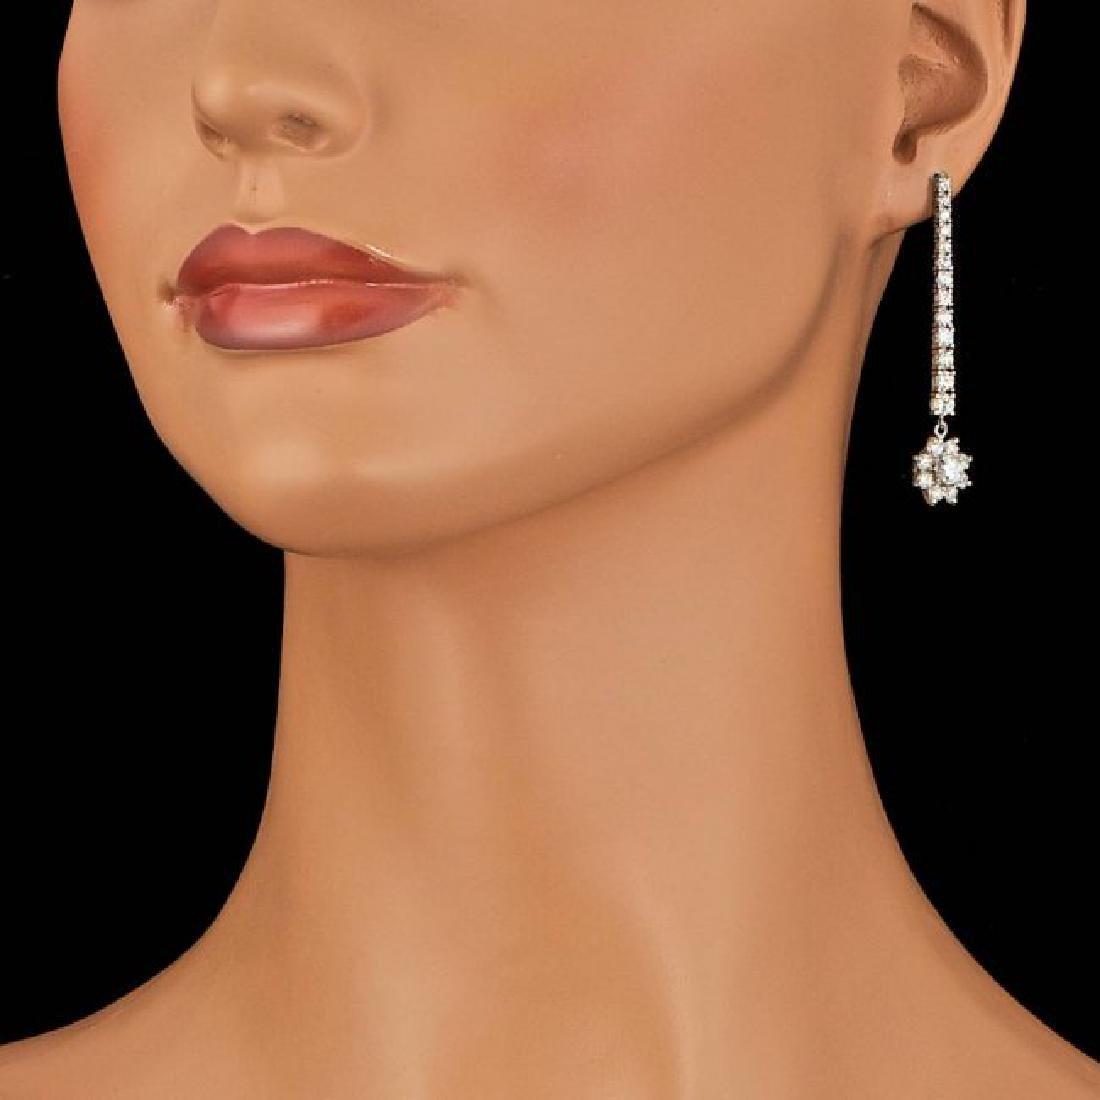 14k White Gold 3.65ct Diamond Earrings - 4